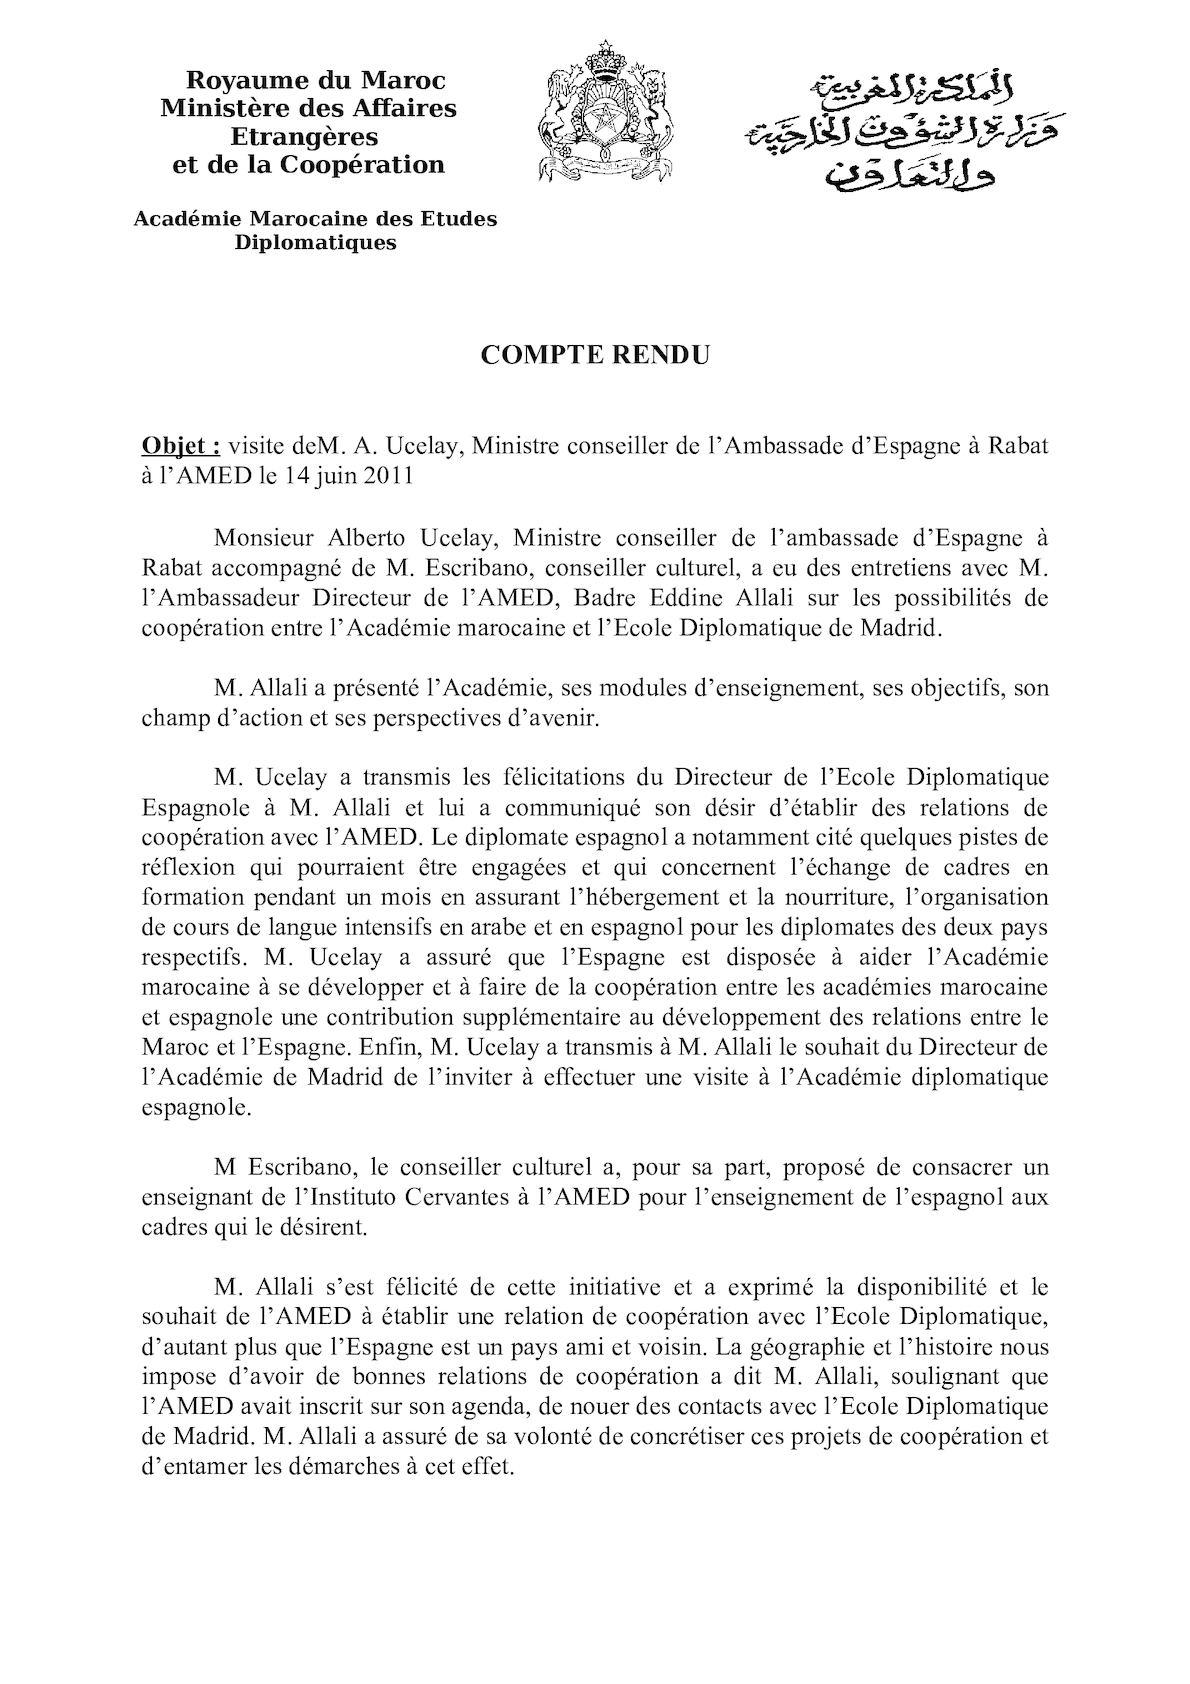 COMPTERENDU Ucelayl 14 06 2011